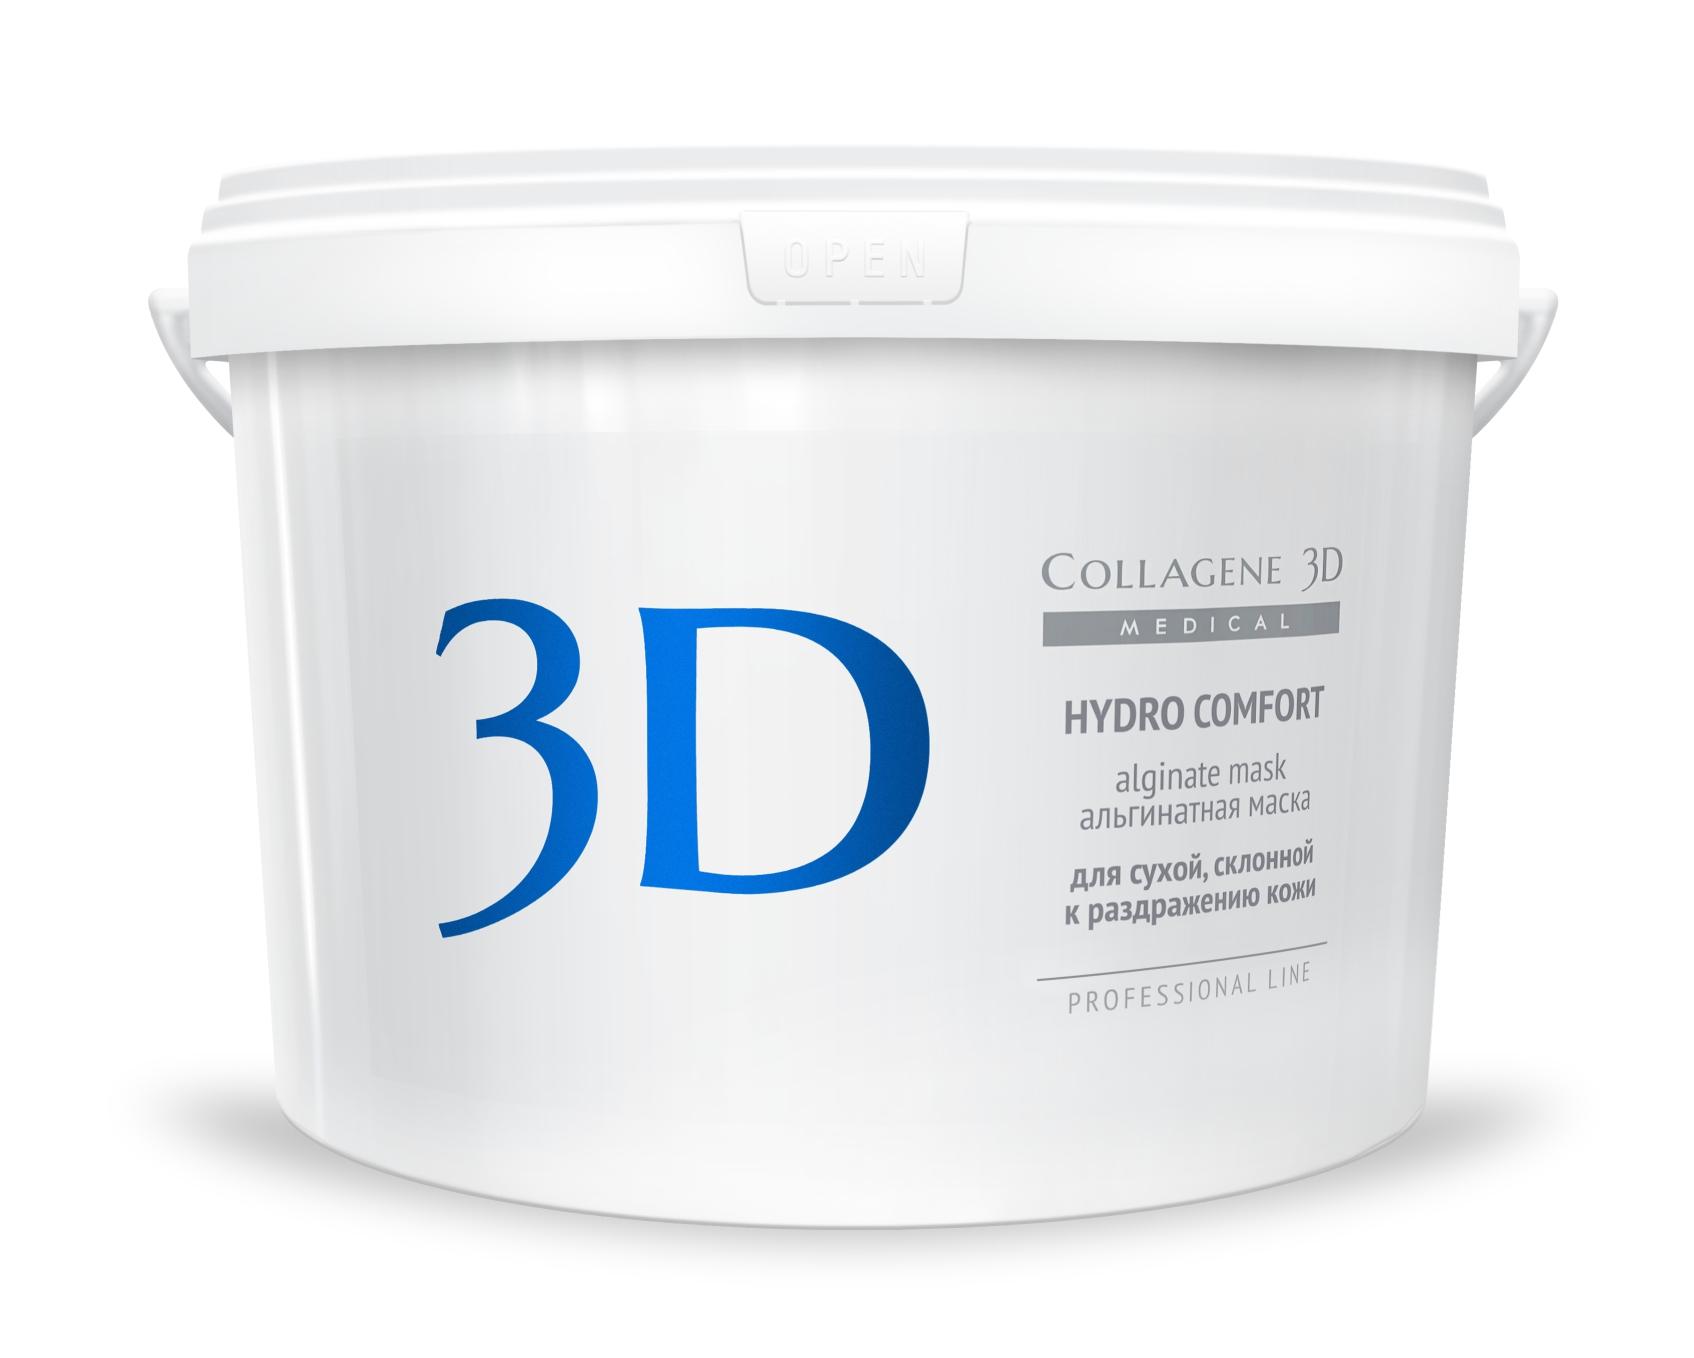 Купить MEDICAL COLLAGENE 3D Маска альгинатная с экстрактом алоэ вера для лица и тела / Hydro Comfort 1200 г